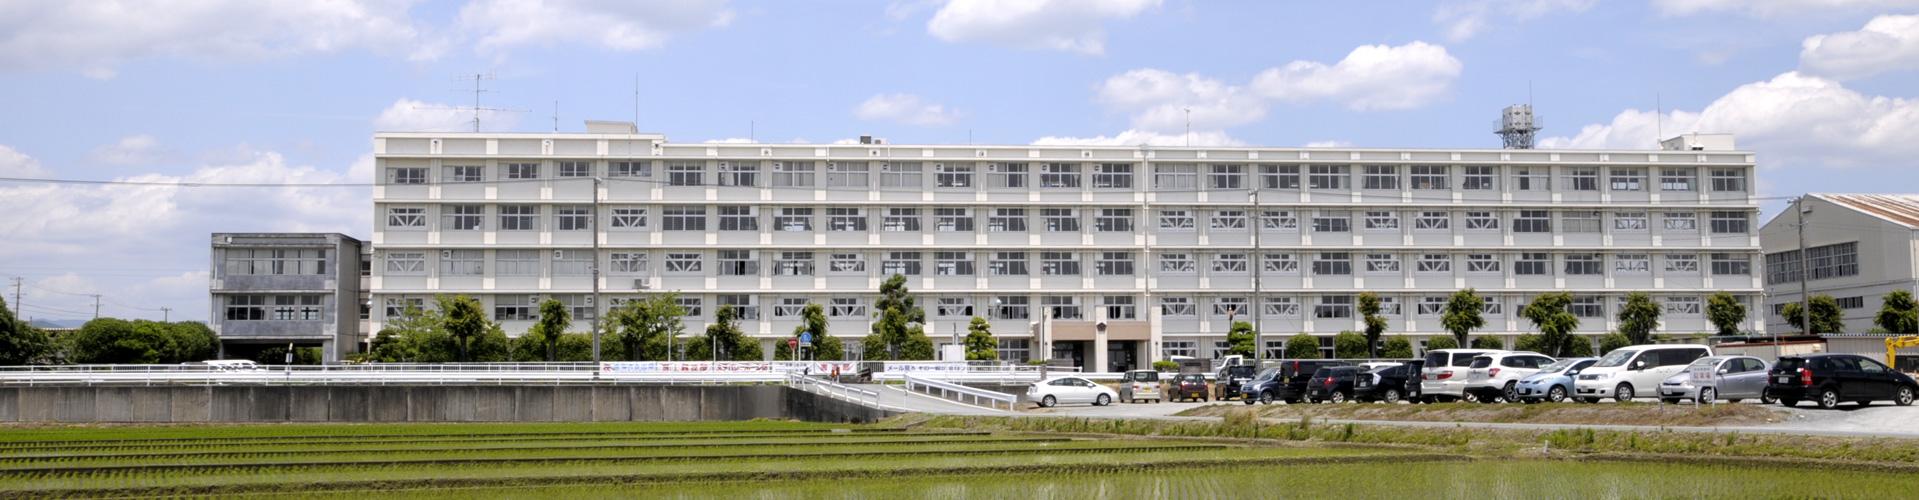 静岡県立浜北西高等学校 同窓会